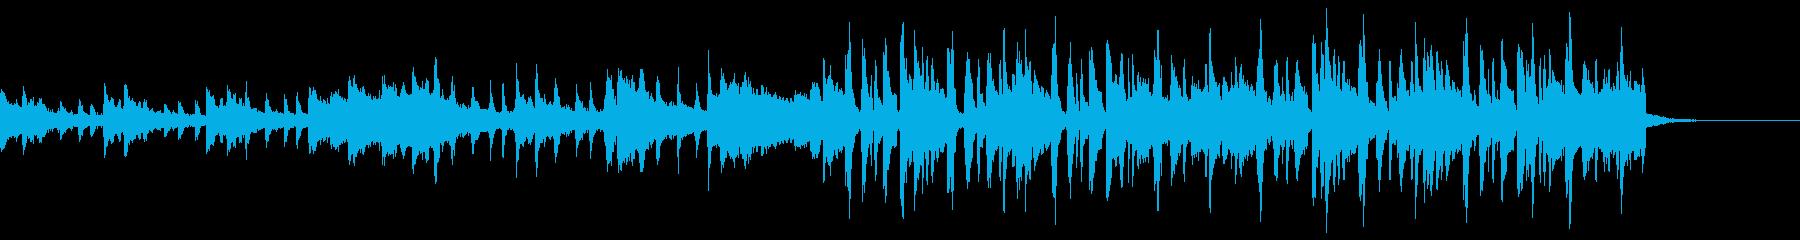 おしゃれな変則ビートの再生済みの波形